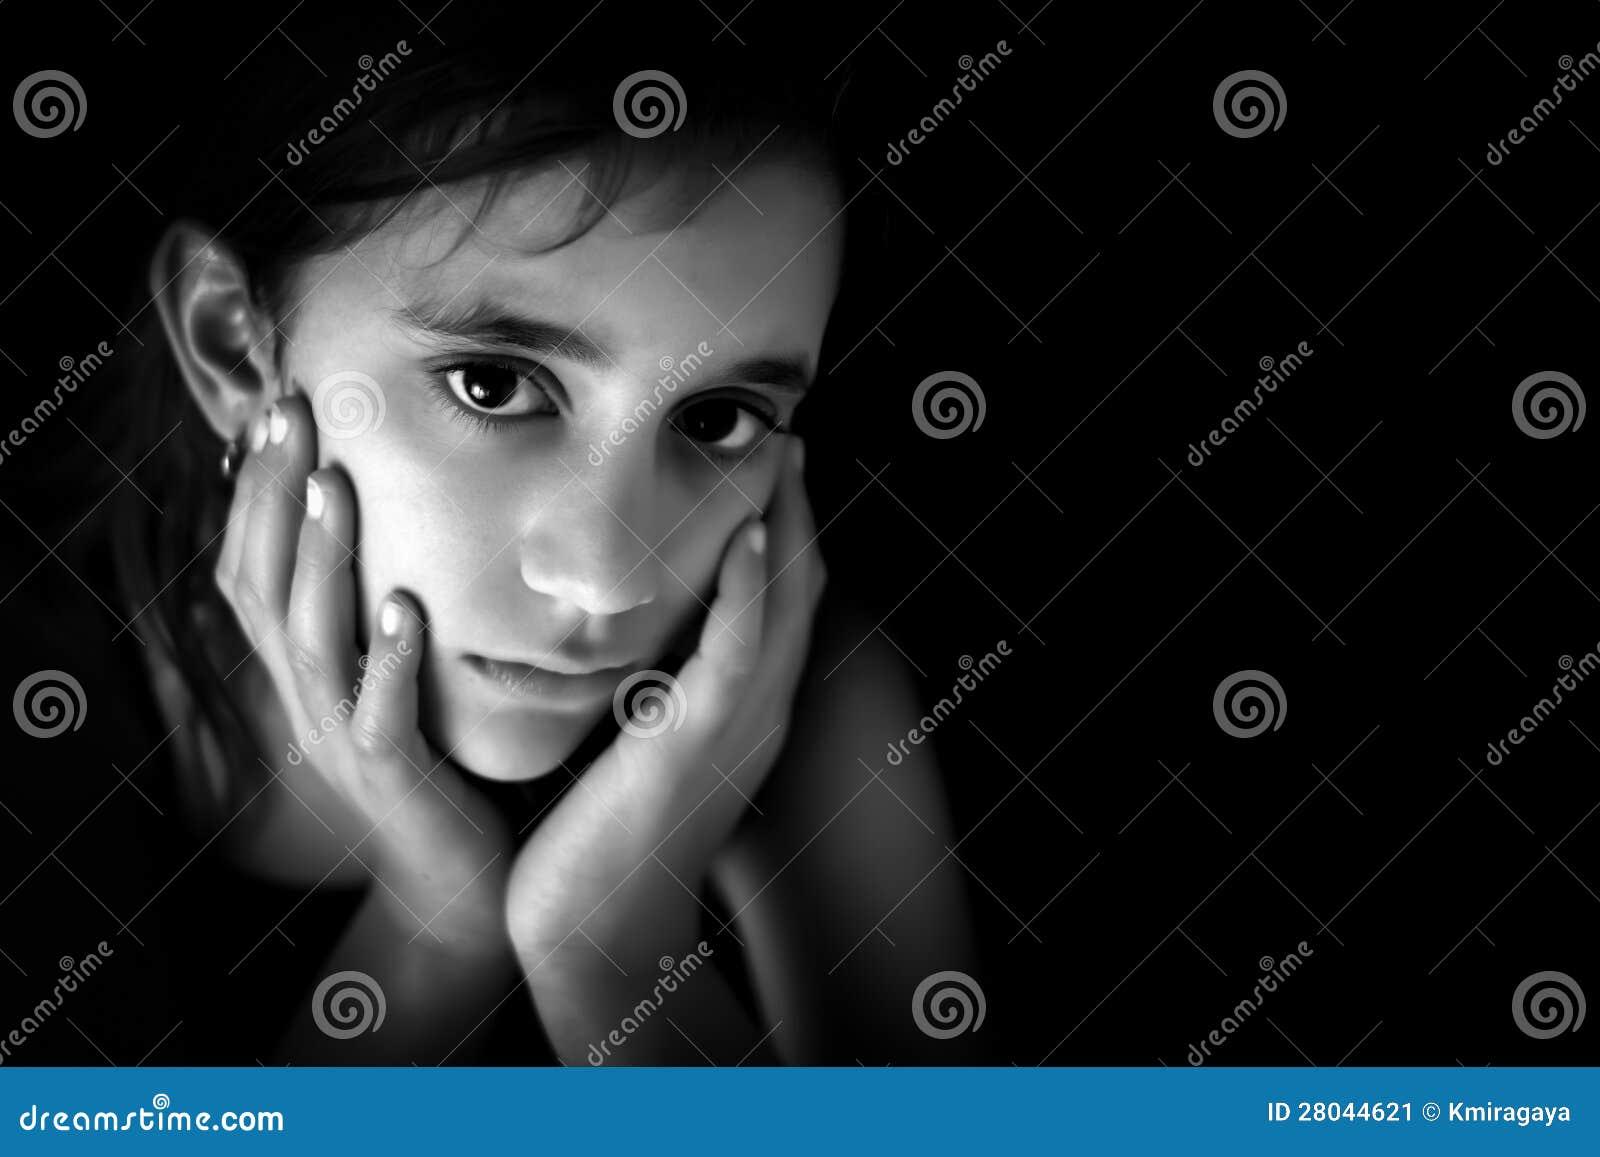 Fille hispanique triste en noir et blanc image stock - Image triste noir et blanc ...